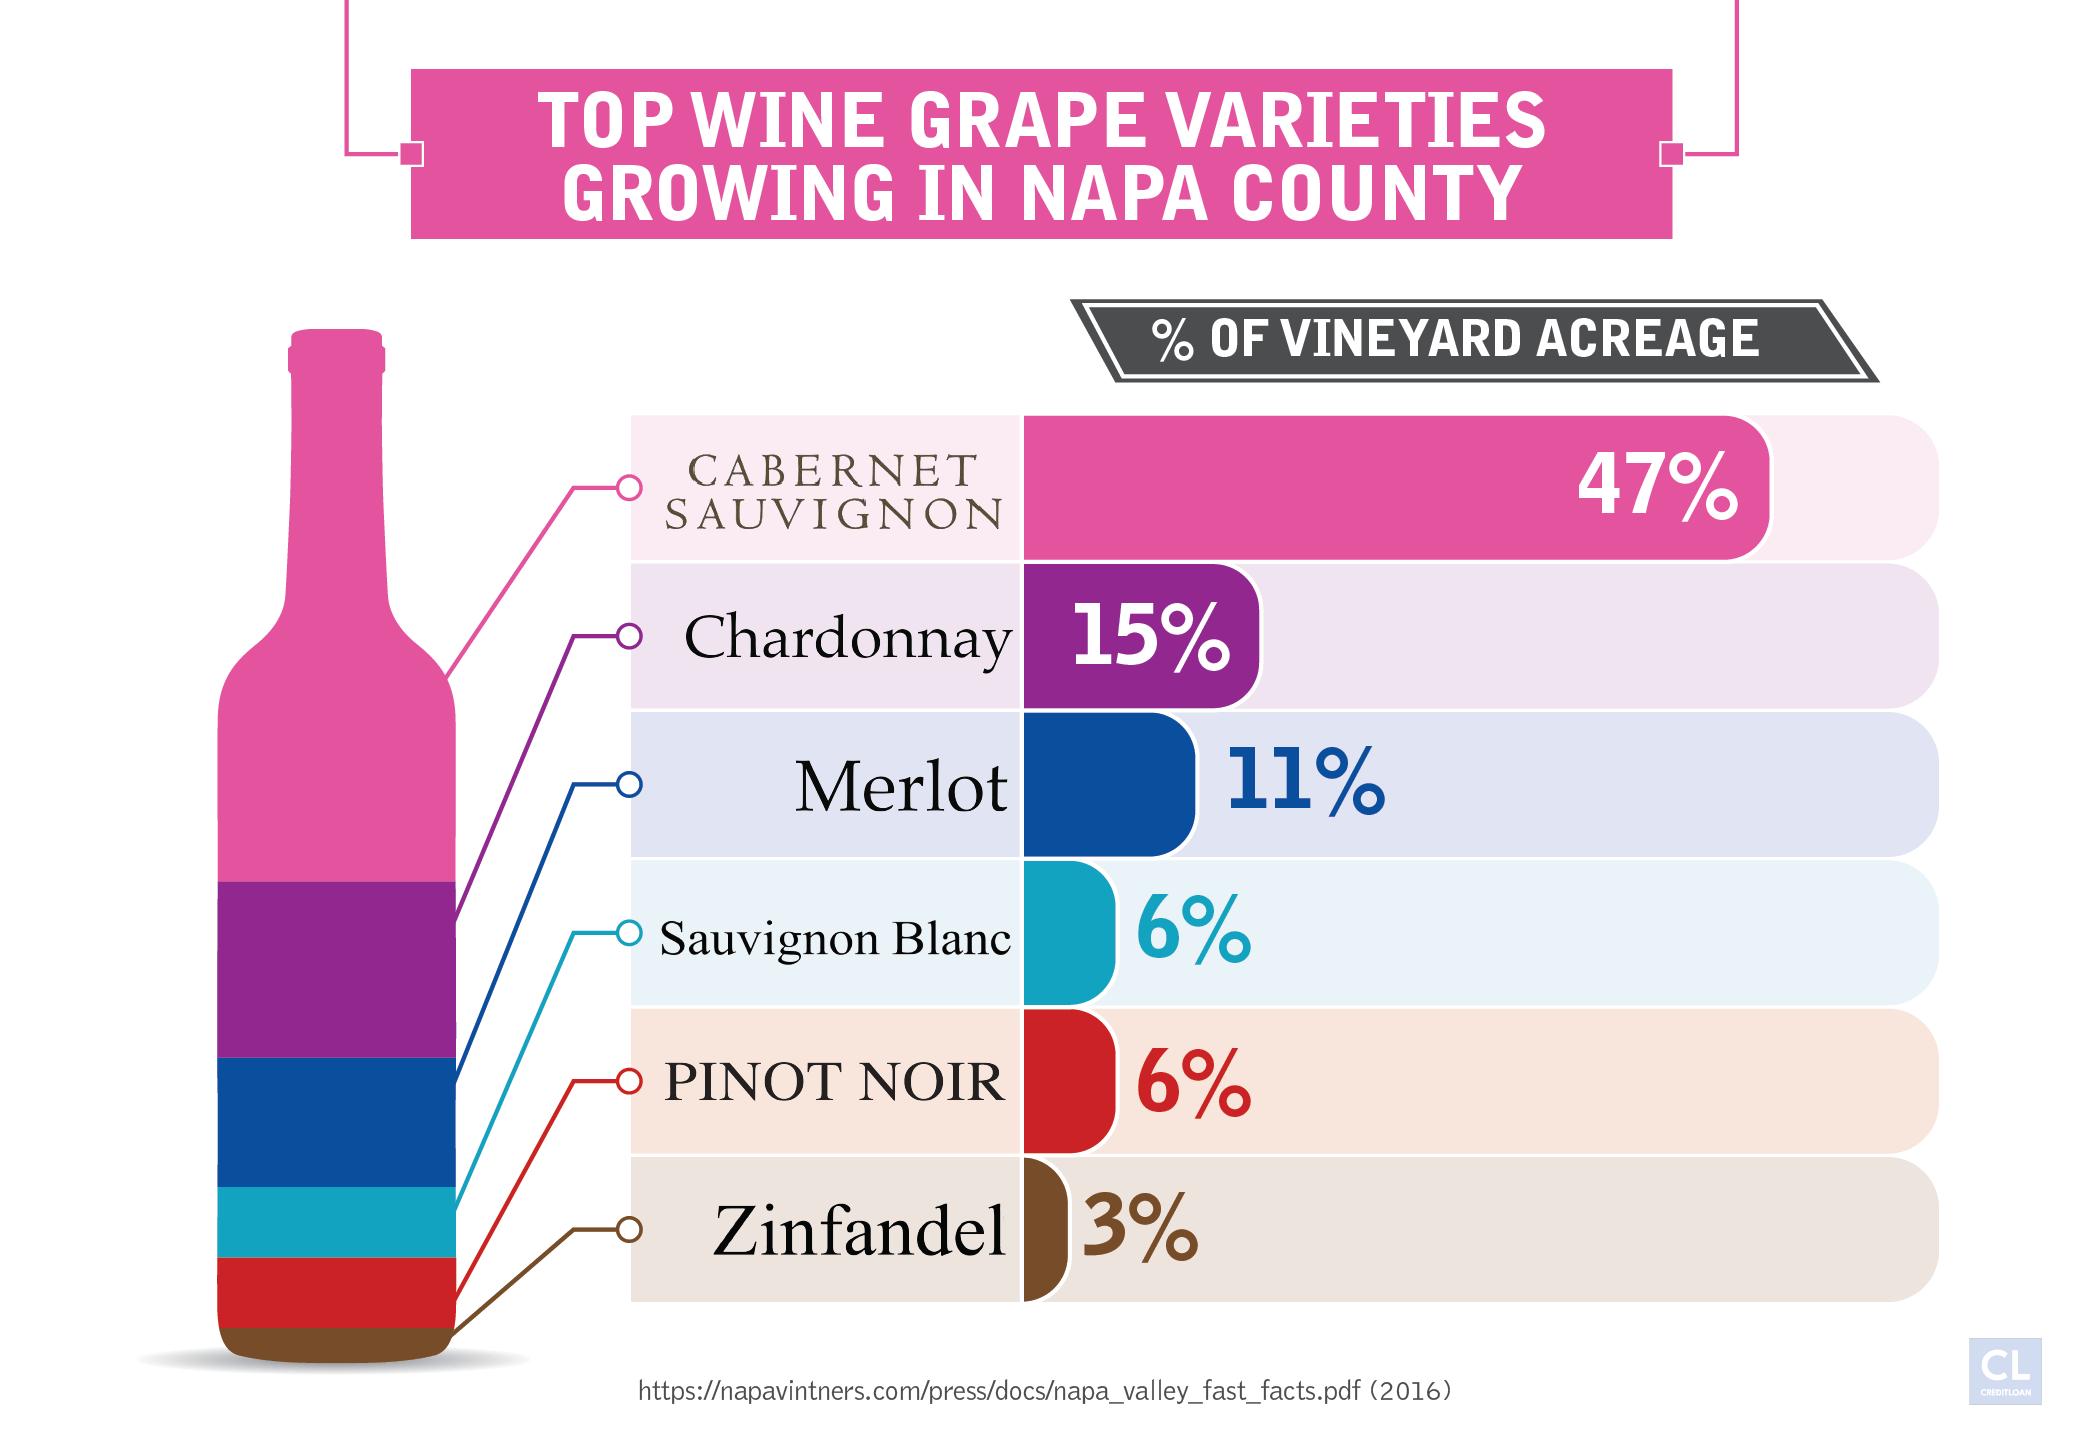 Top wine grape varieties growing in Napa county